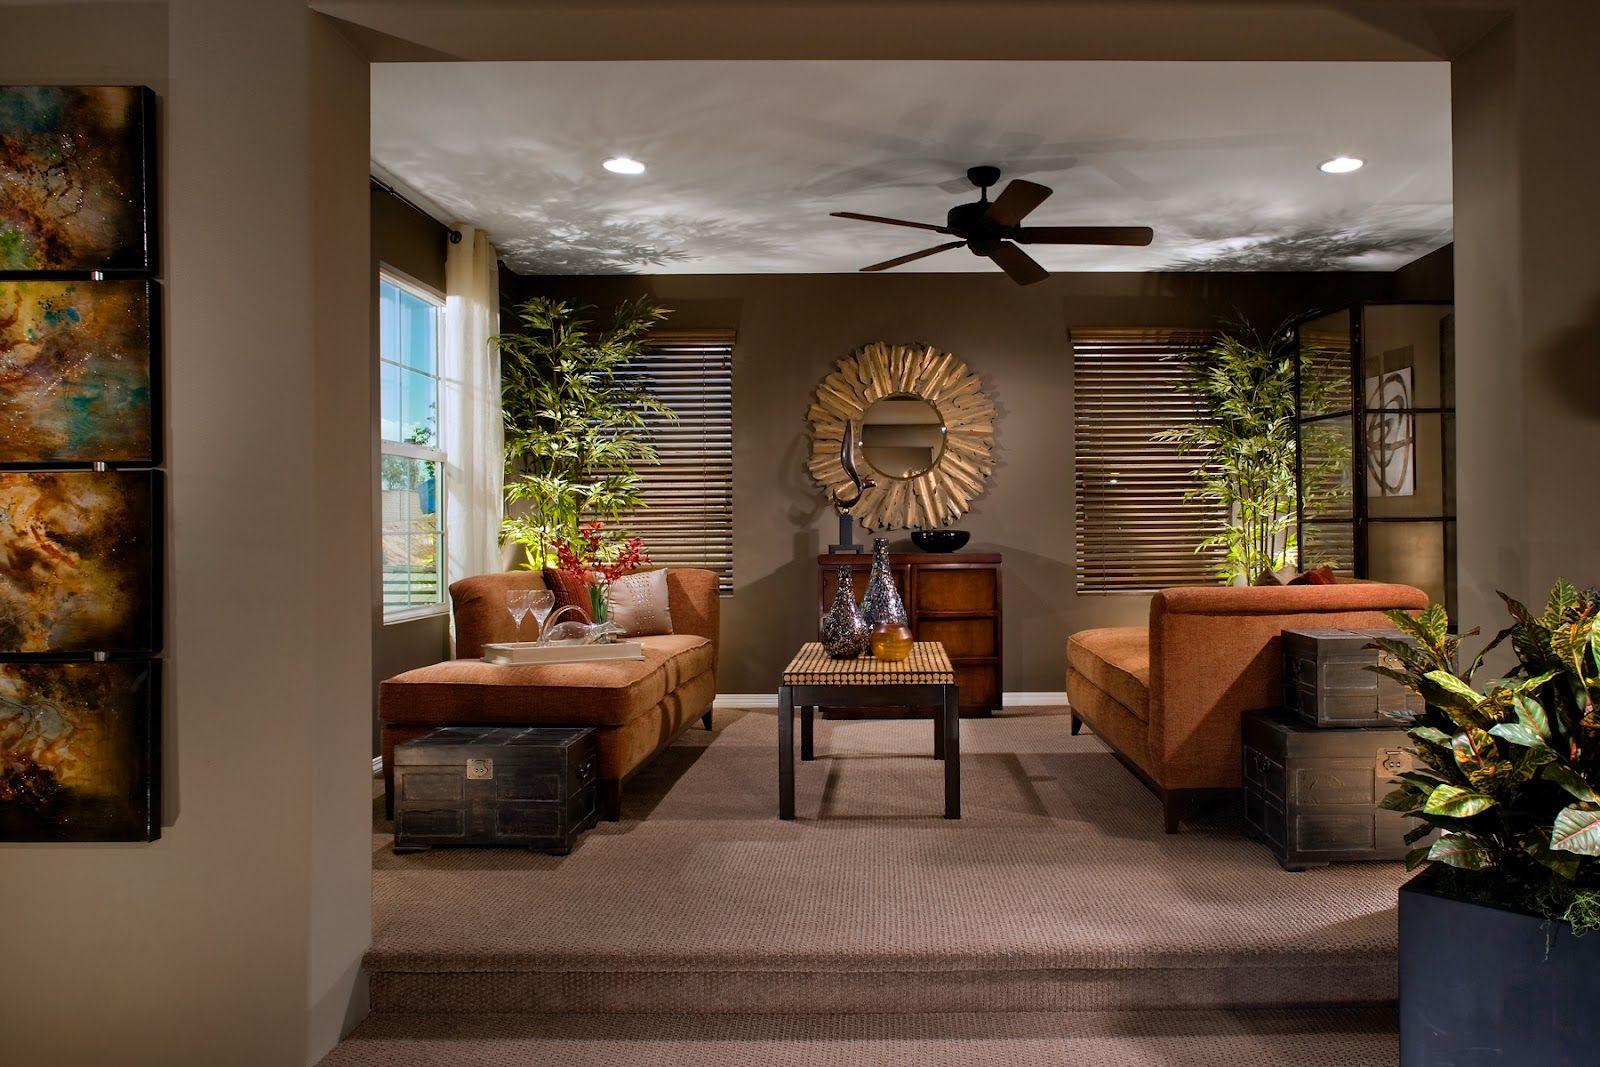 Bildergebnis für wohnzimmer orange beige braun | Wohnung ...